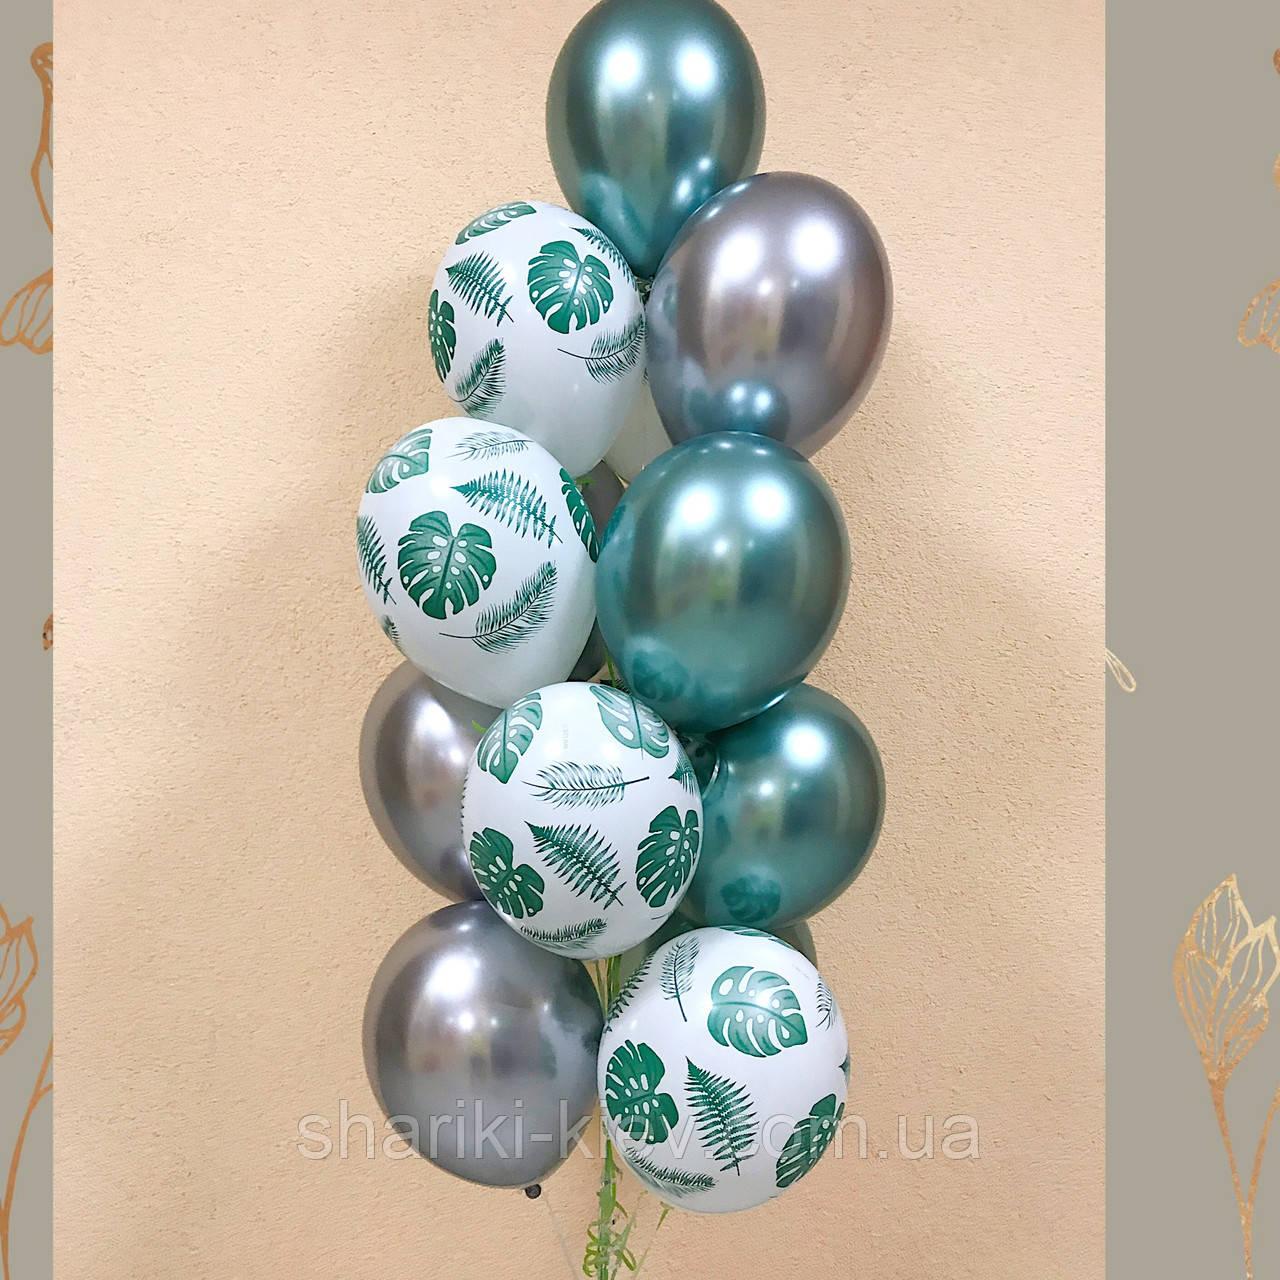 Связка шаров 5 с рисунком и 8 шаров хром